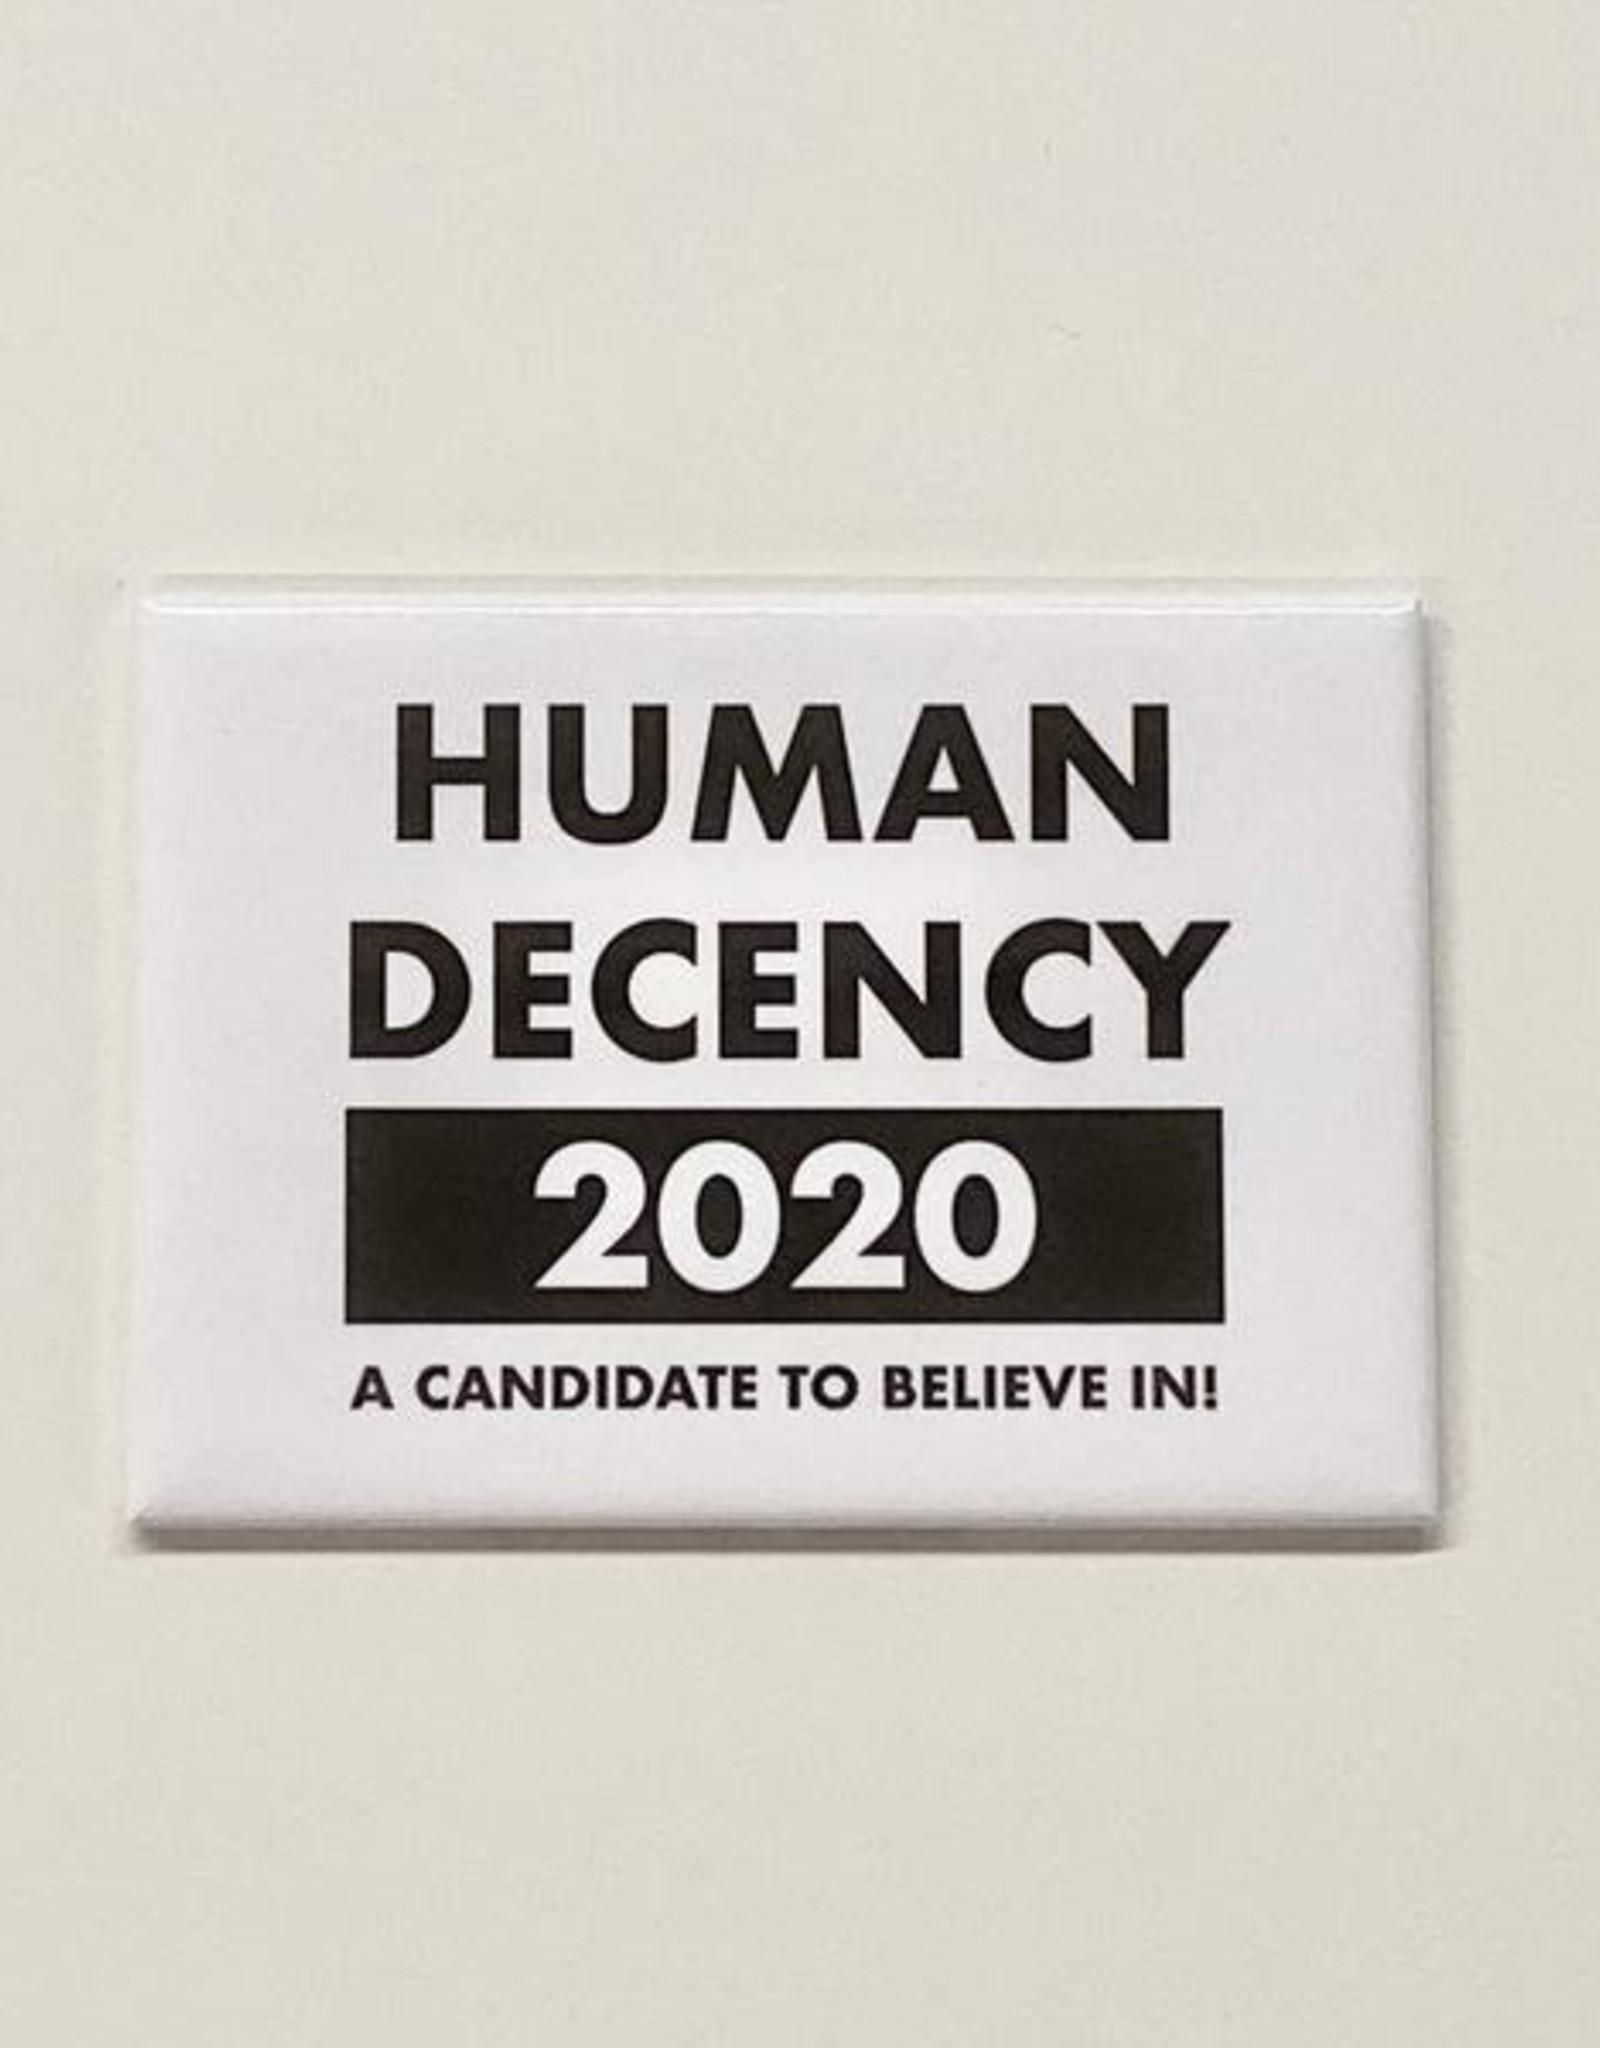 Magnet: Human Decency 2020